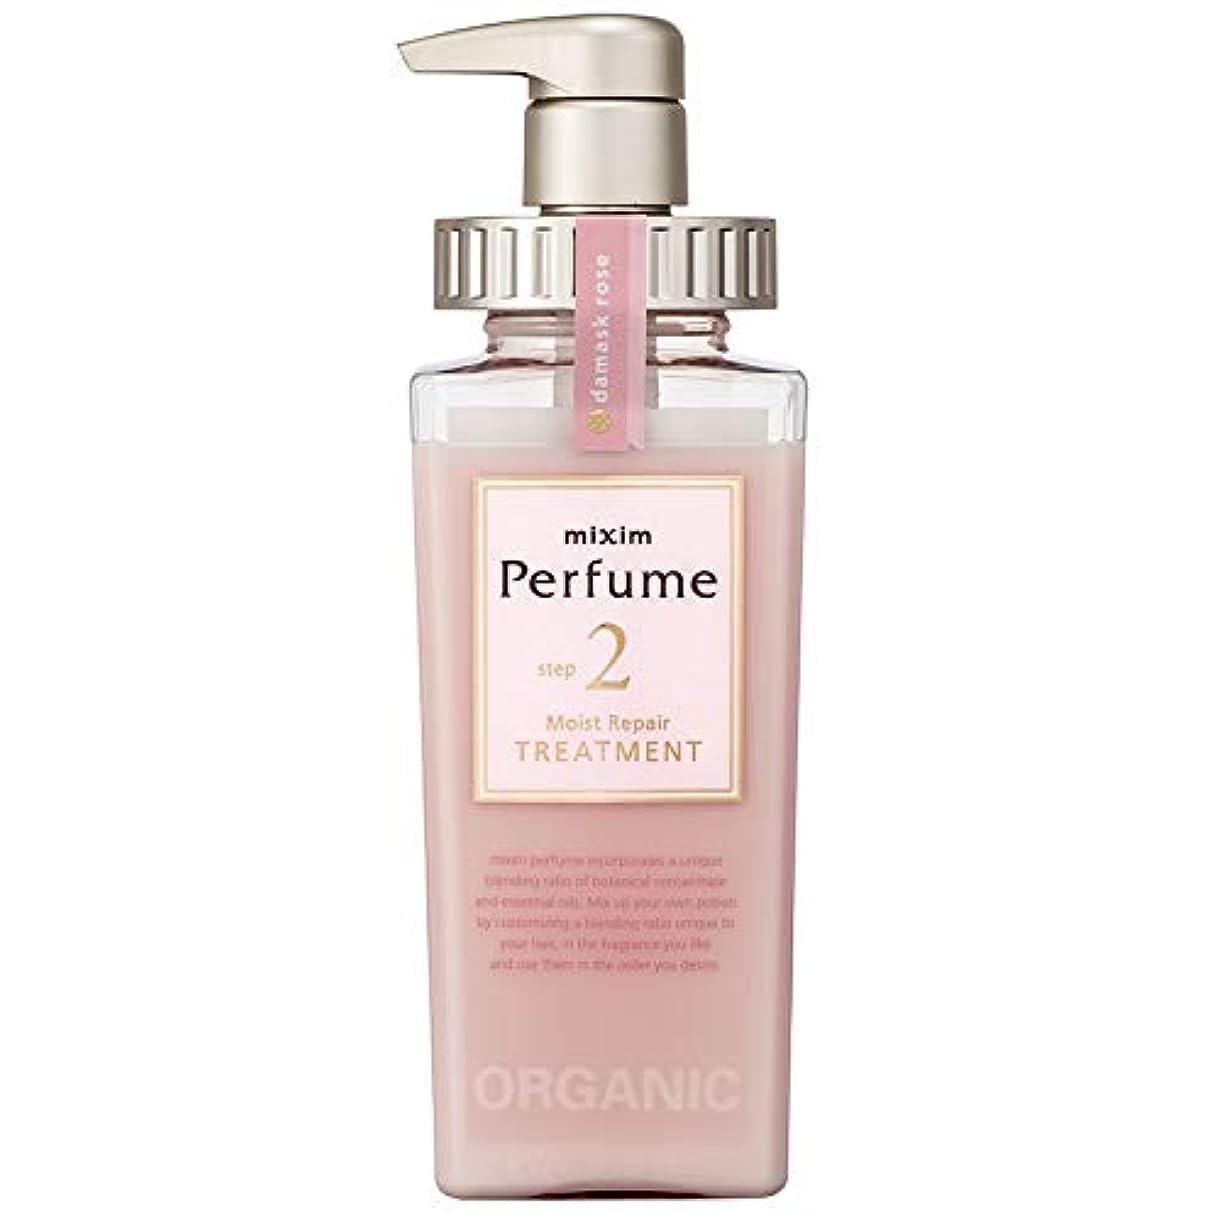 誇張する丁寧種mixim Perfume(ミクシムパフューム) モイストリペア ヘアトリートメント 440g